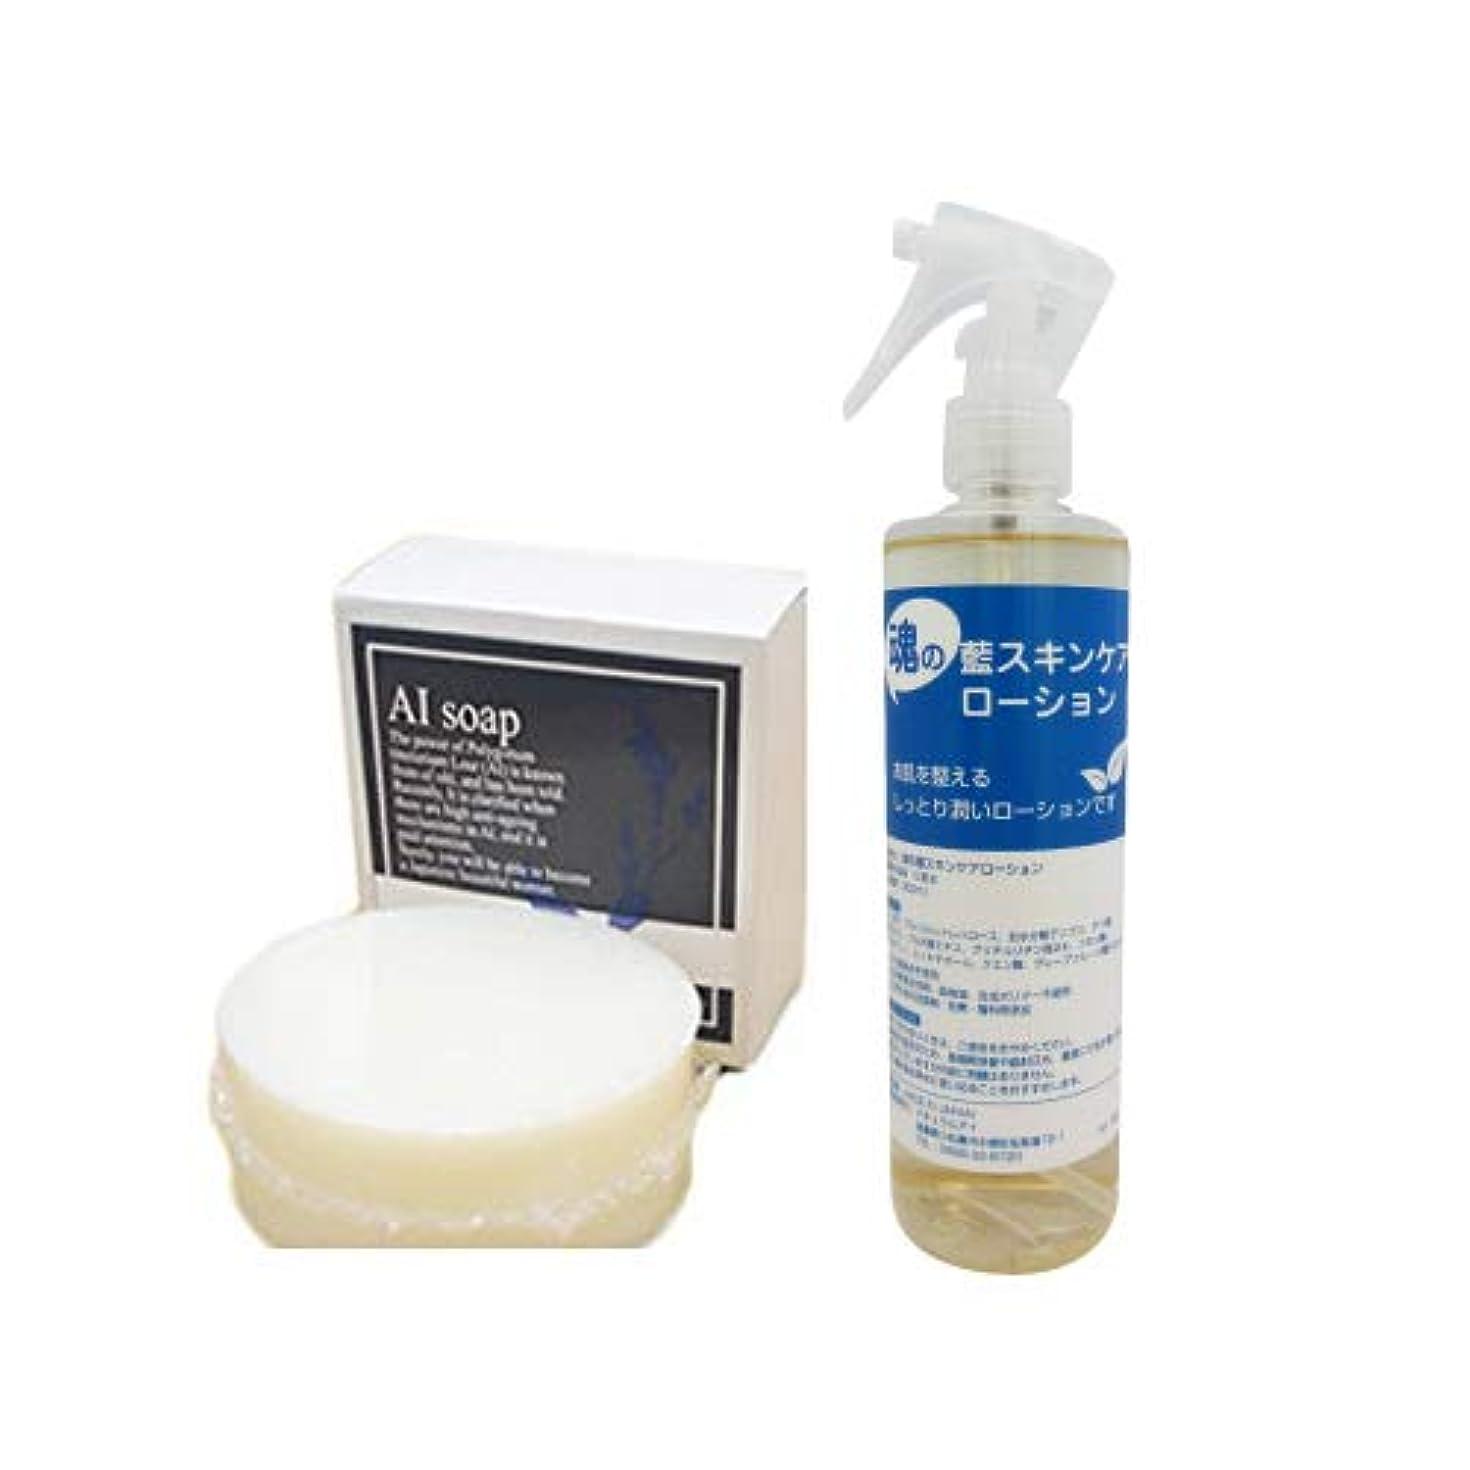 温室会社本能藍石鹸(AIソープ)100g+藍スキンケアローション300mlセット 美肌の「藍」セット(無添加ノンケミカル)肌乾燥?肌トラブルにおススメ